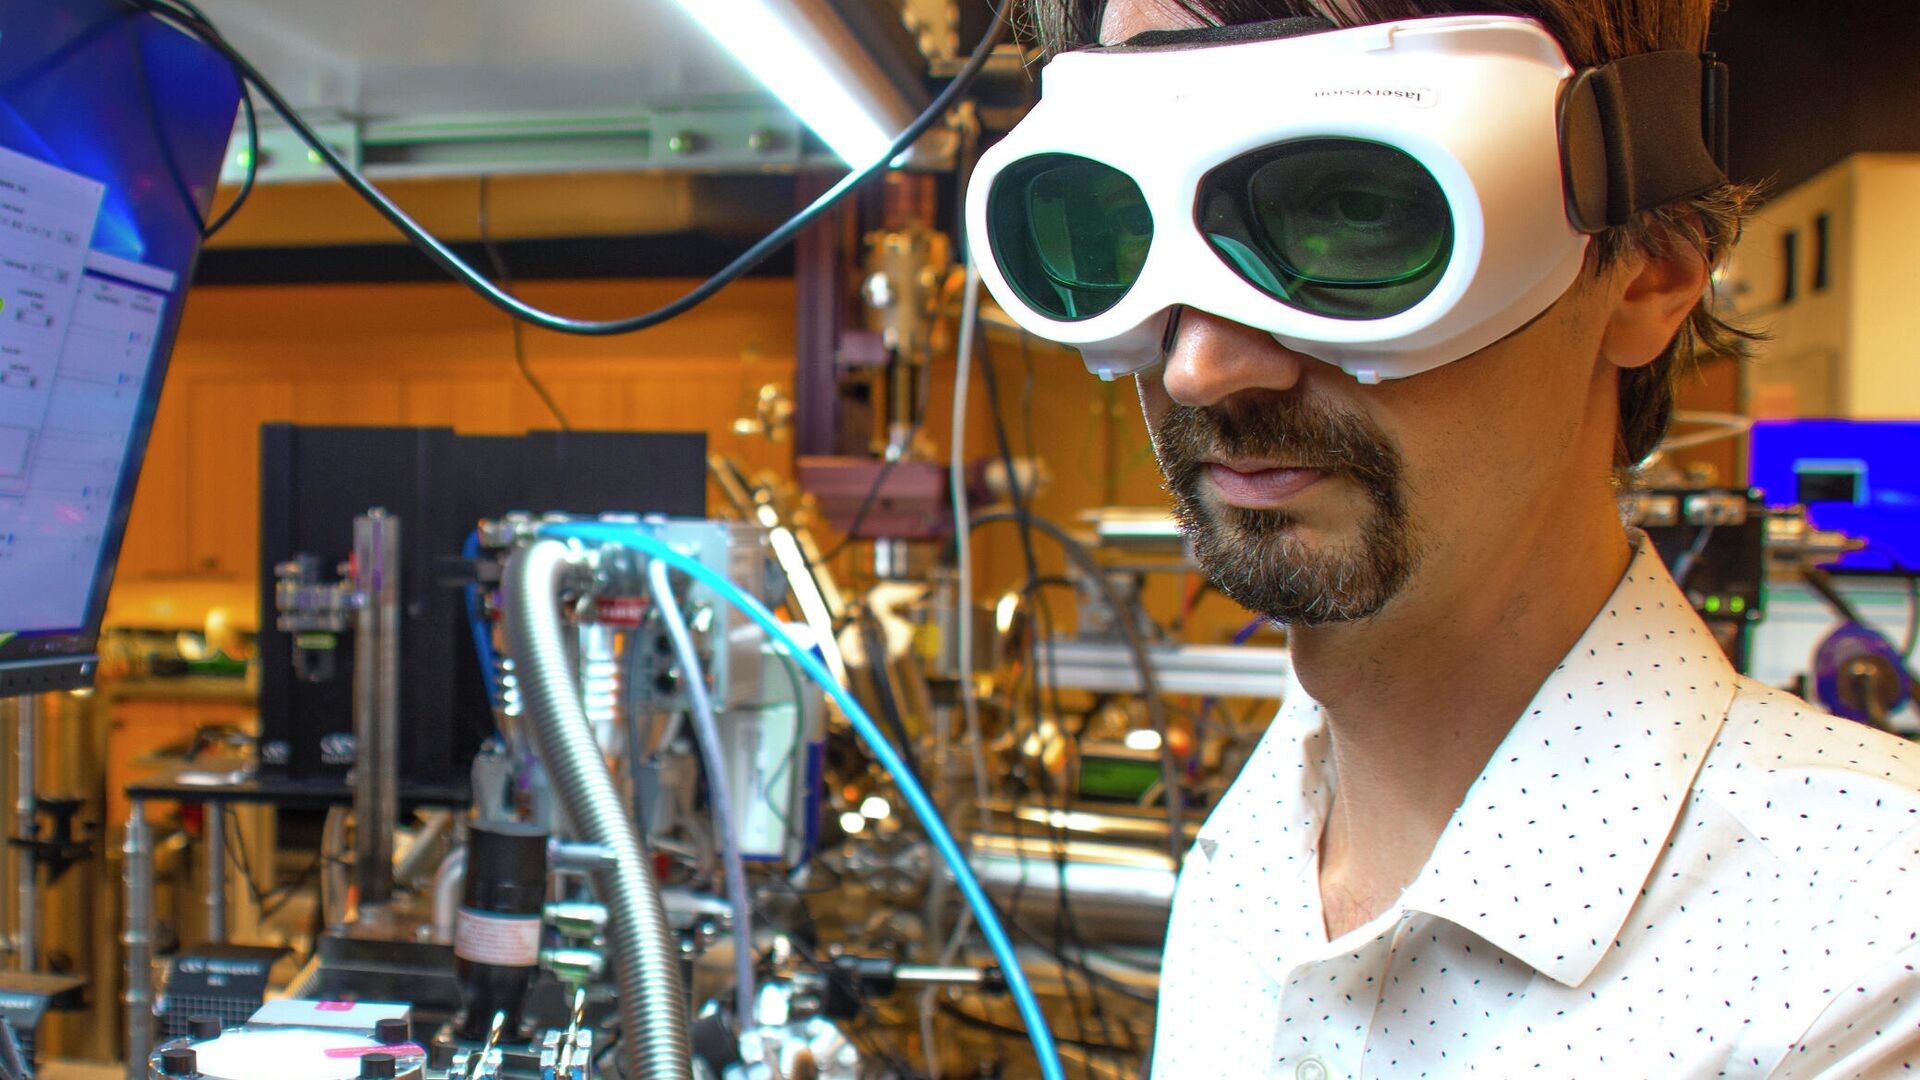 Японские физики впервые наблюдали темные экситоны